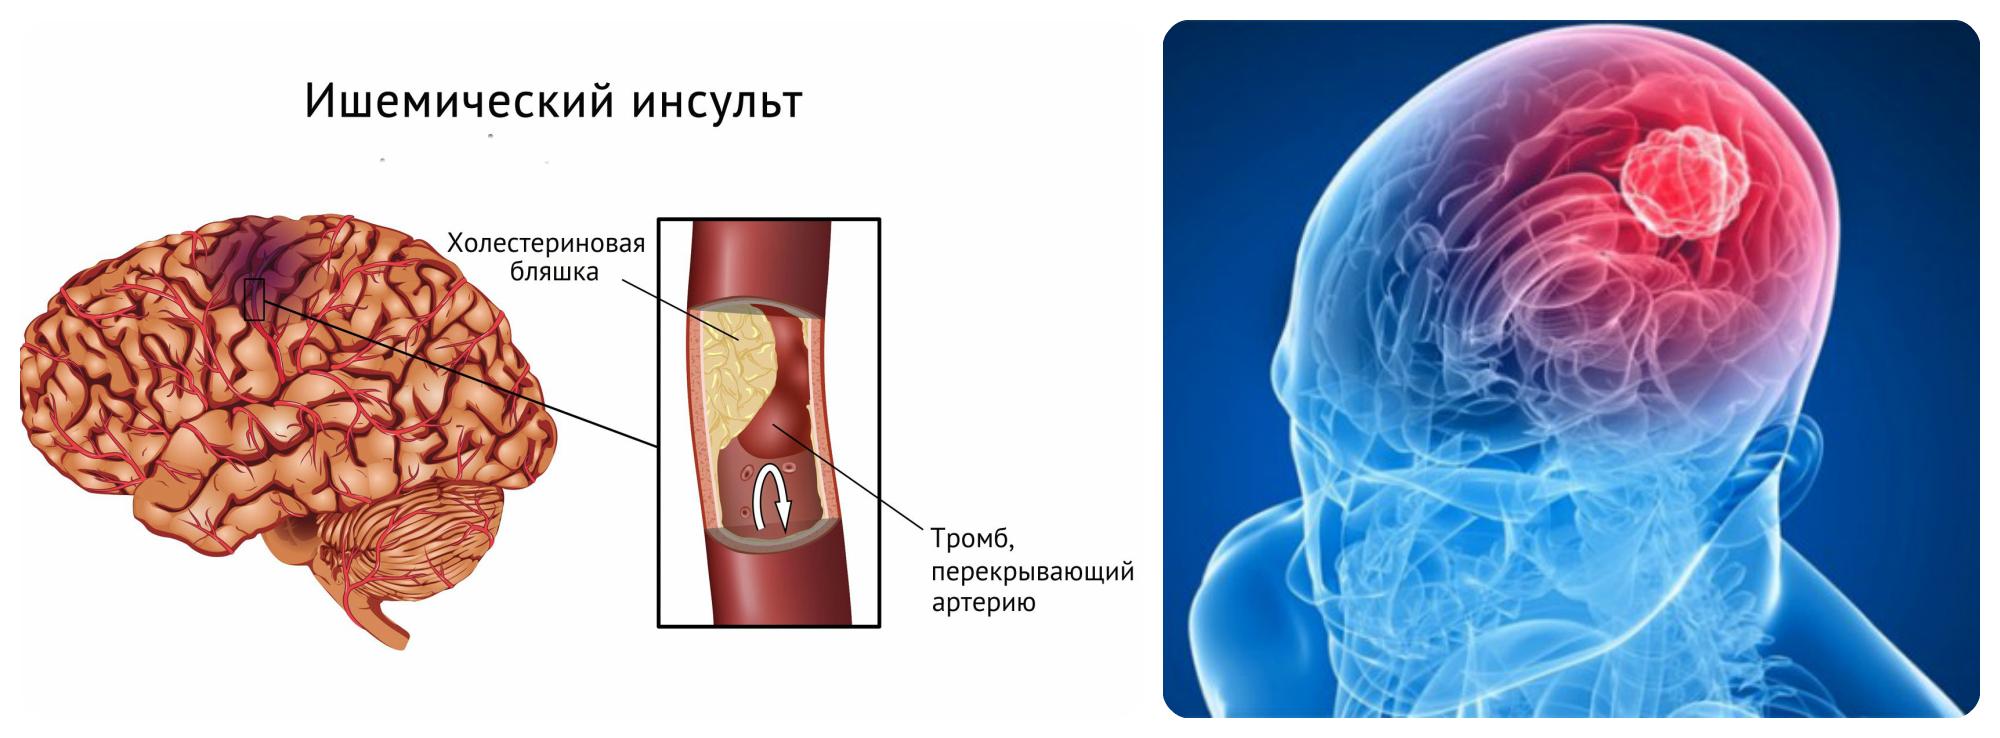 Симптомы и первые признаки ишемического инсульта головного мозга у мужчин и женщин + видео